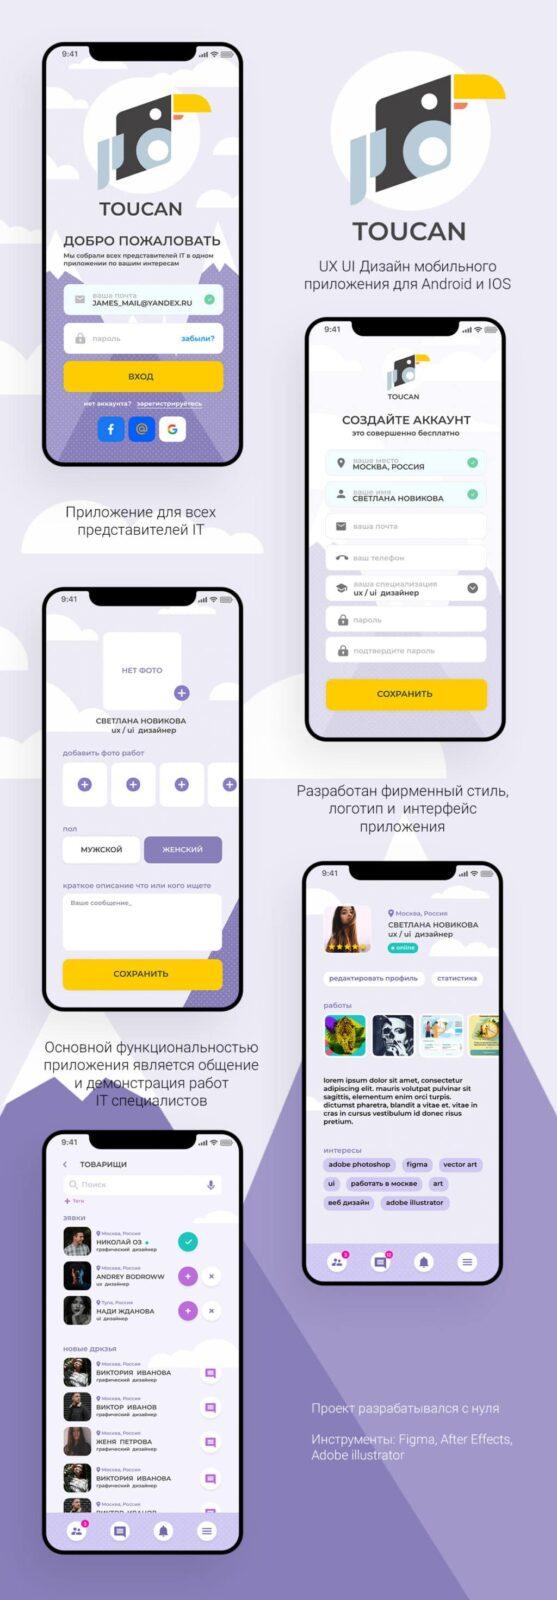 UX UI Дизайн мобильного приложения для Android и IOS